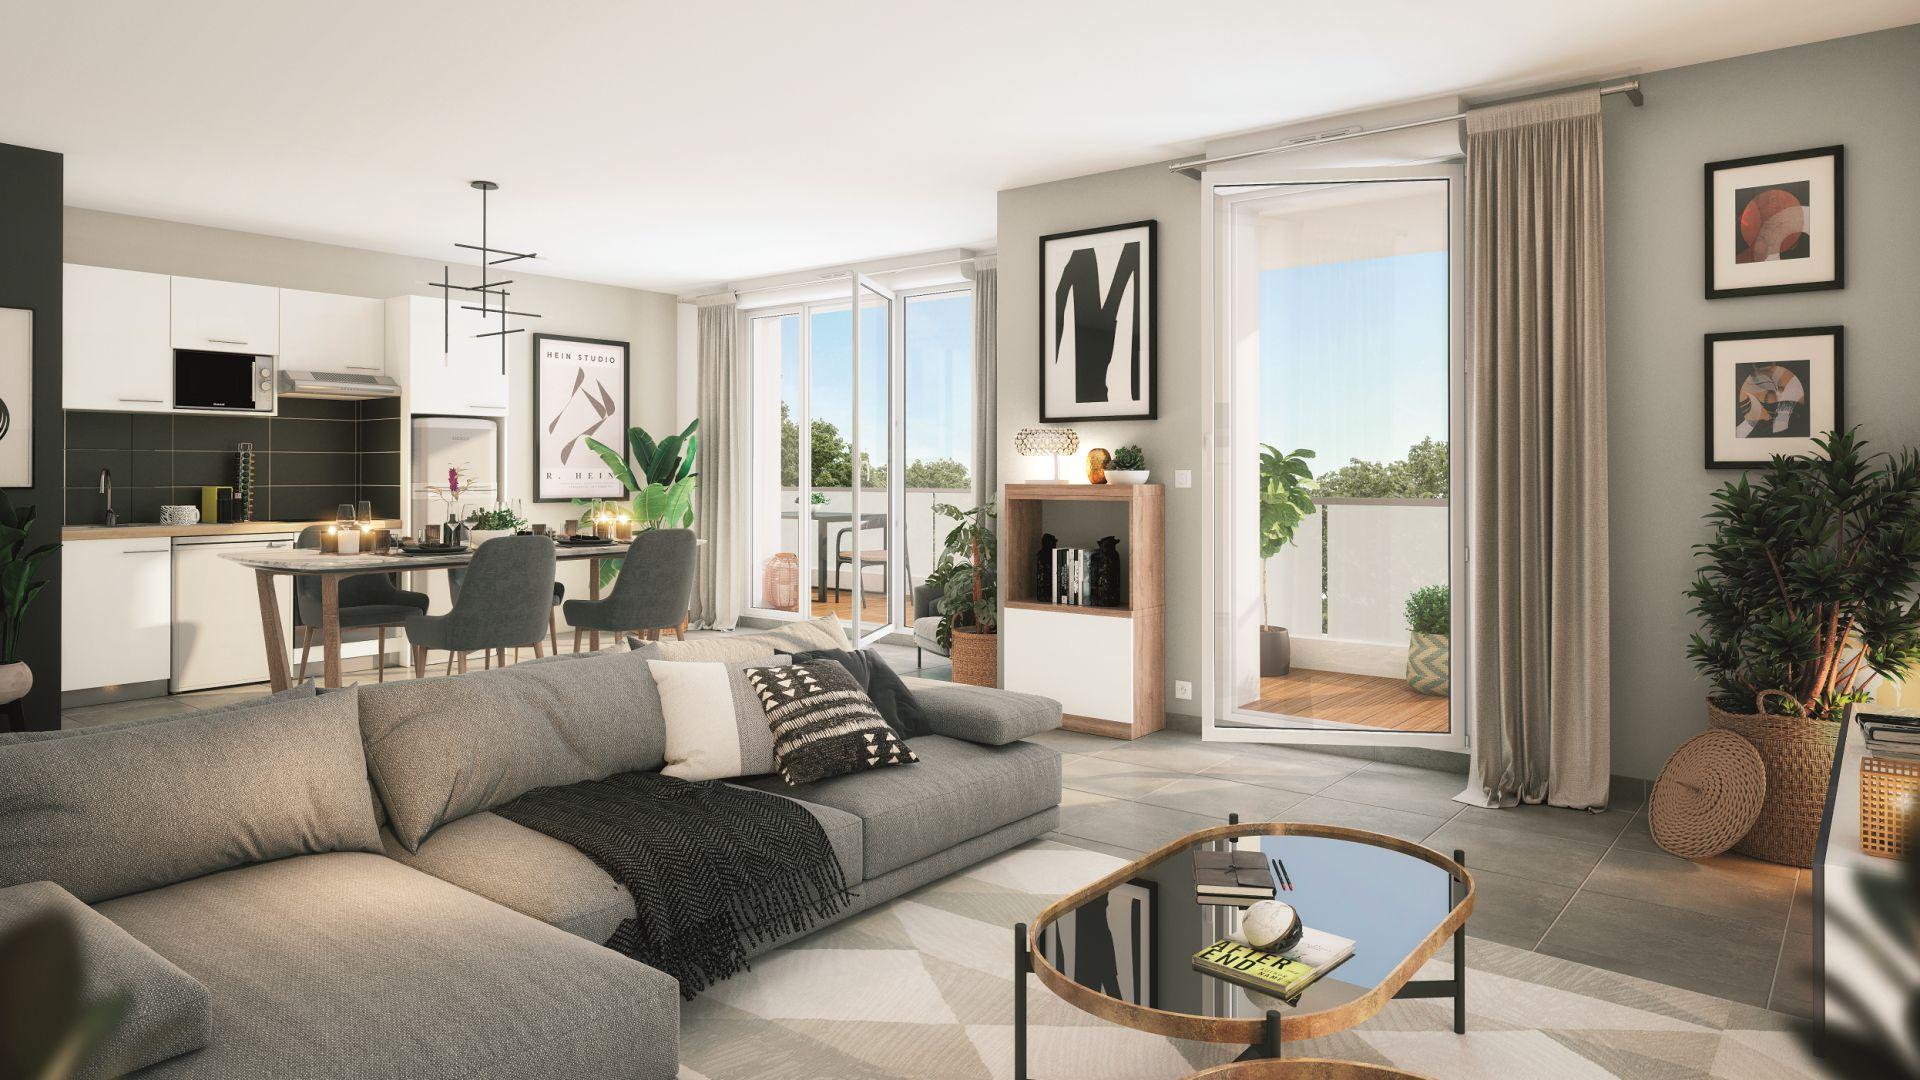 Greencity Immobilier - Le Stendhal - Cesson 77240 - achat appartements du T1 au T4 - Villa T4 et T5  - vue intérieure